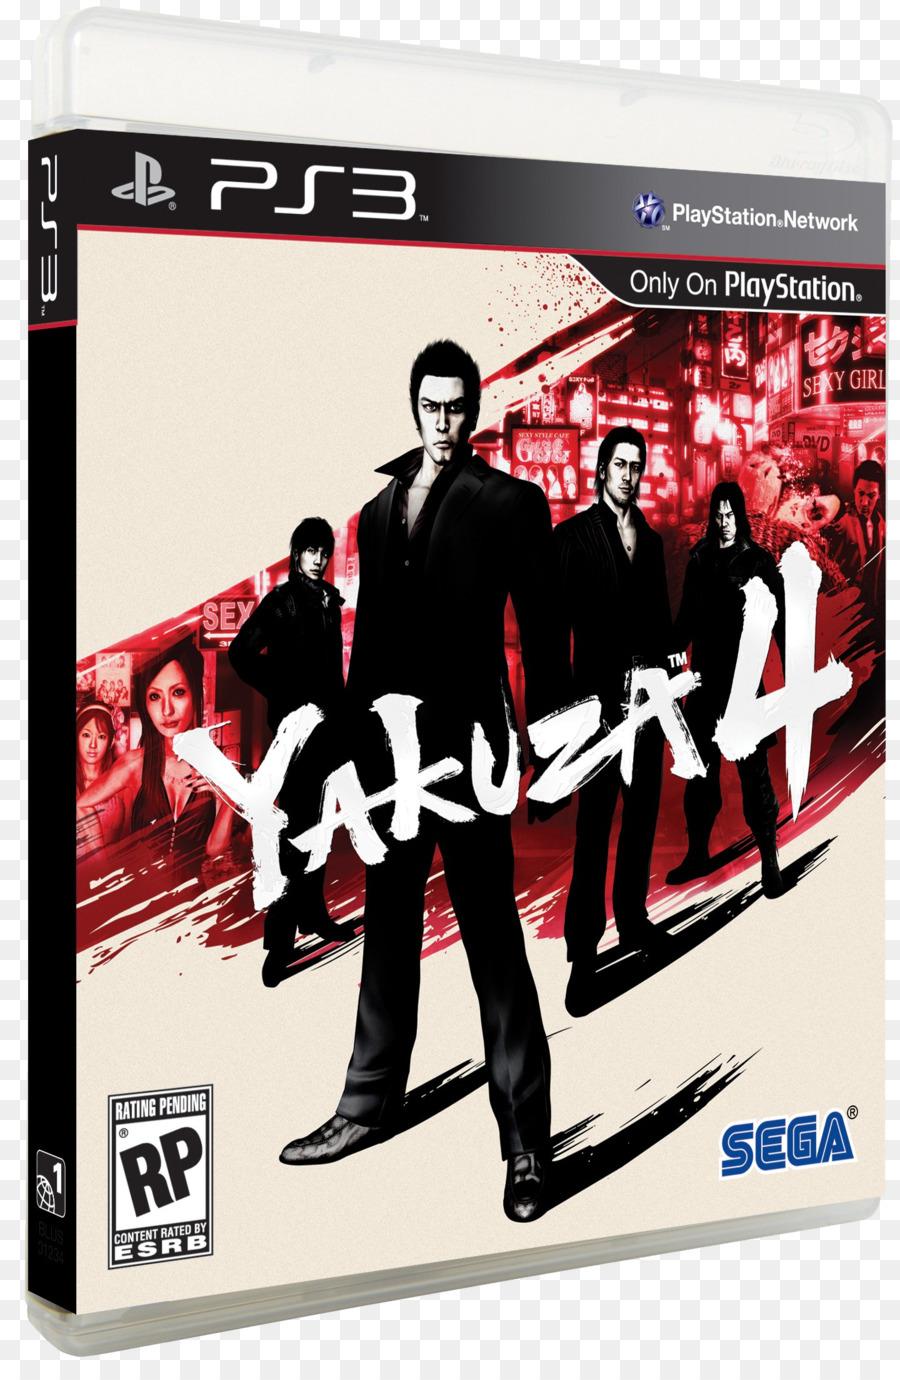 yakuza 0 download ps3